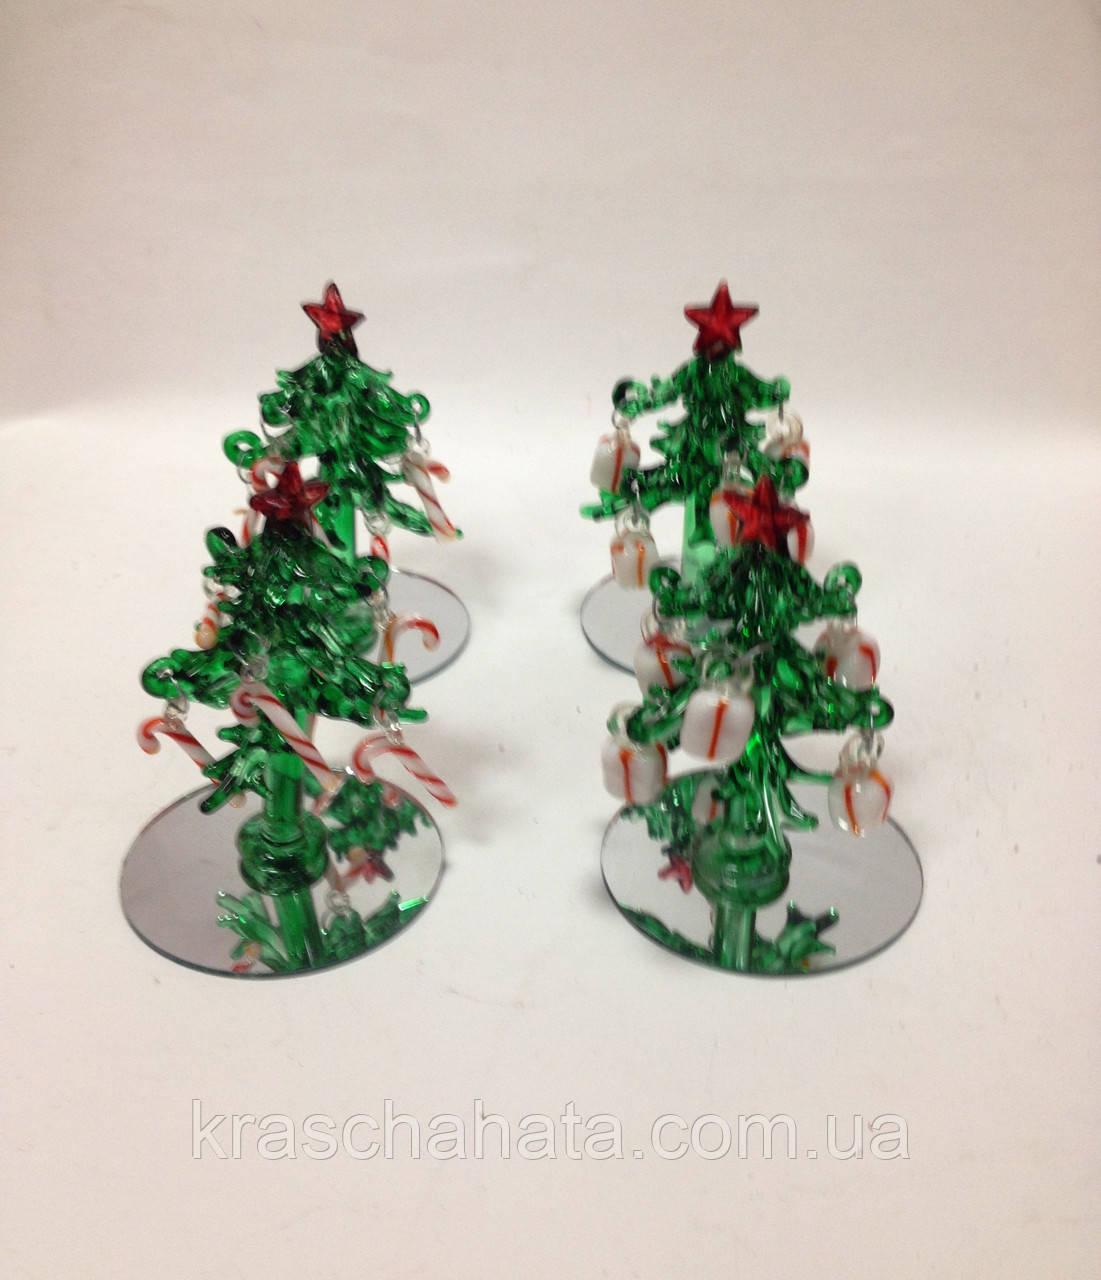 Ялинка новорічна, 8х5,5 см, декоративне скло, новорічний сувенір, Дніпропетровськ